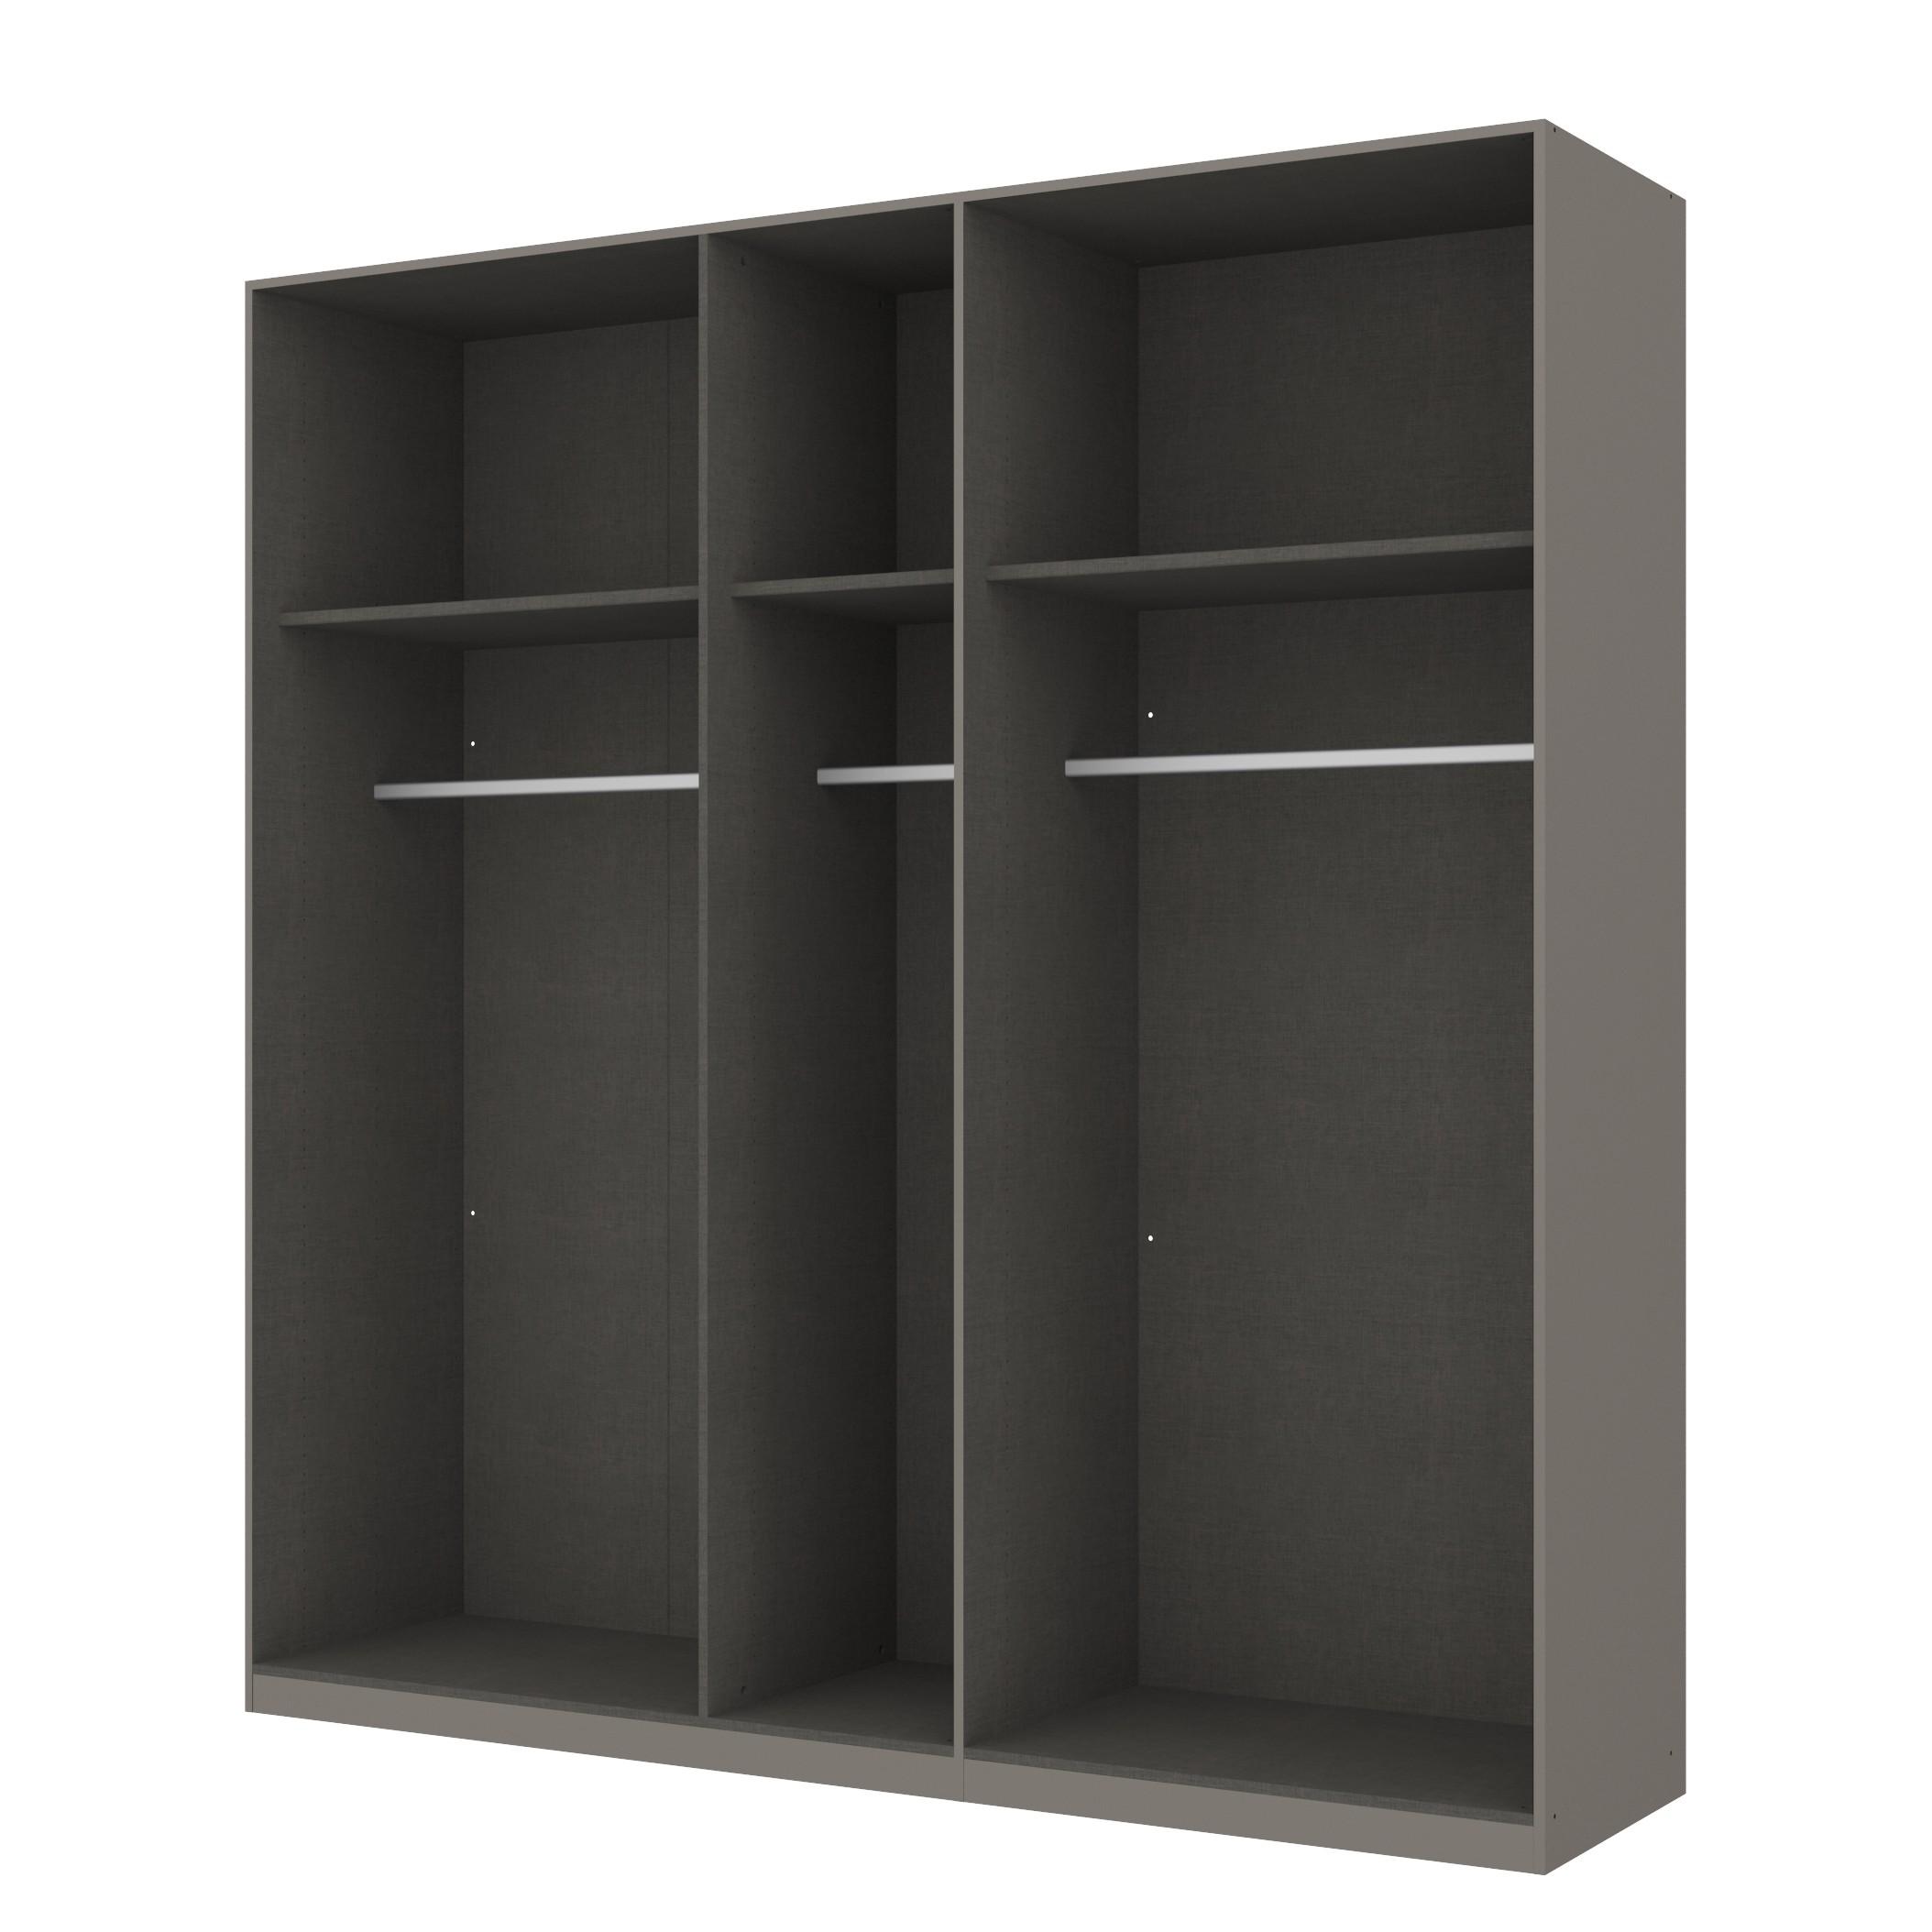 goedkoop Draaideurkast Skøp grafietkleurig open 225cm 5 deurs 236cm Premium Skop